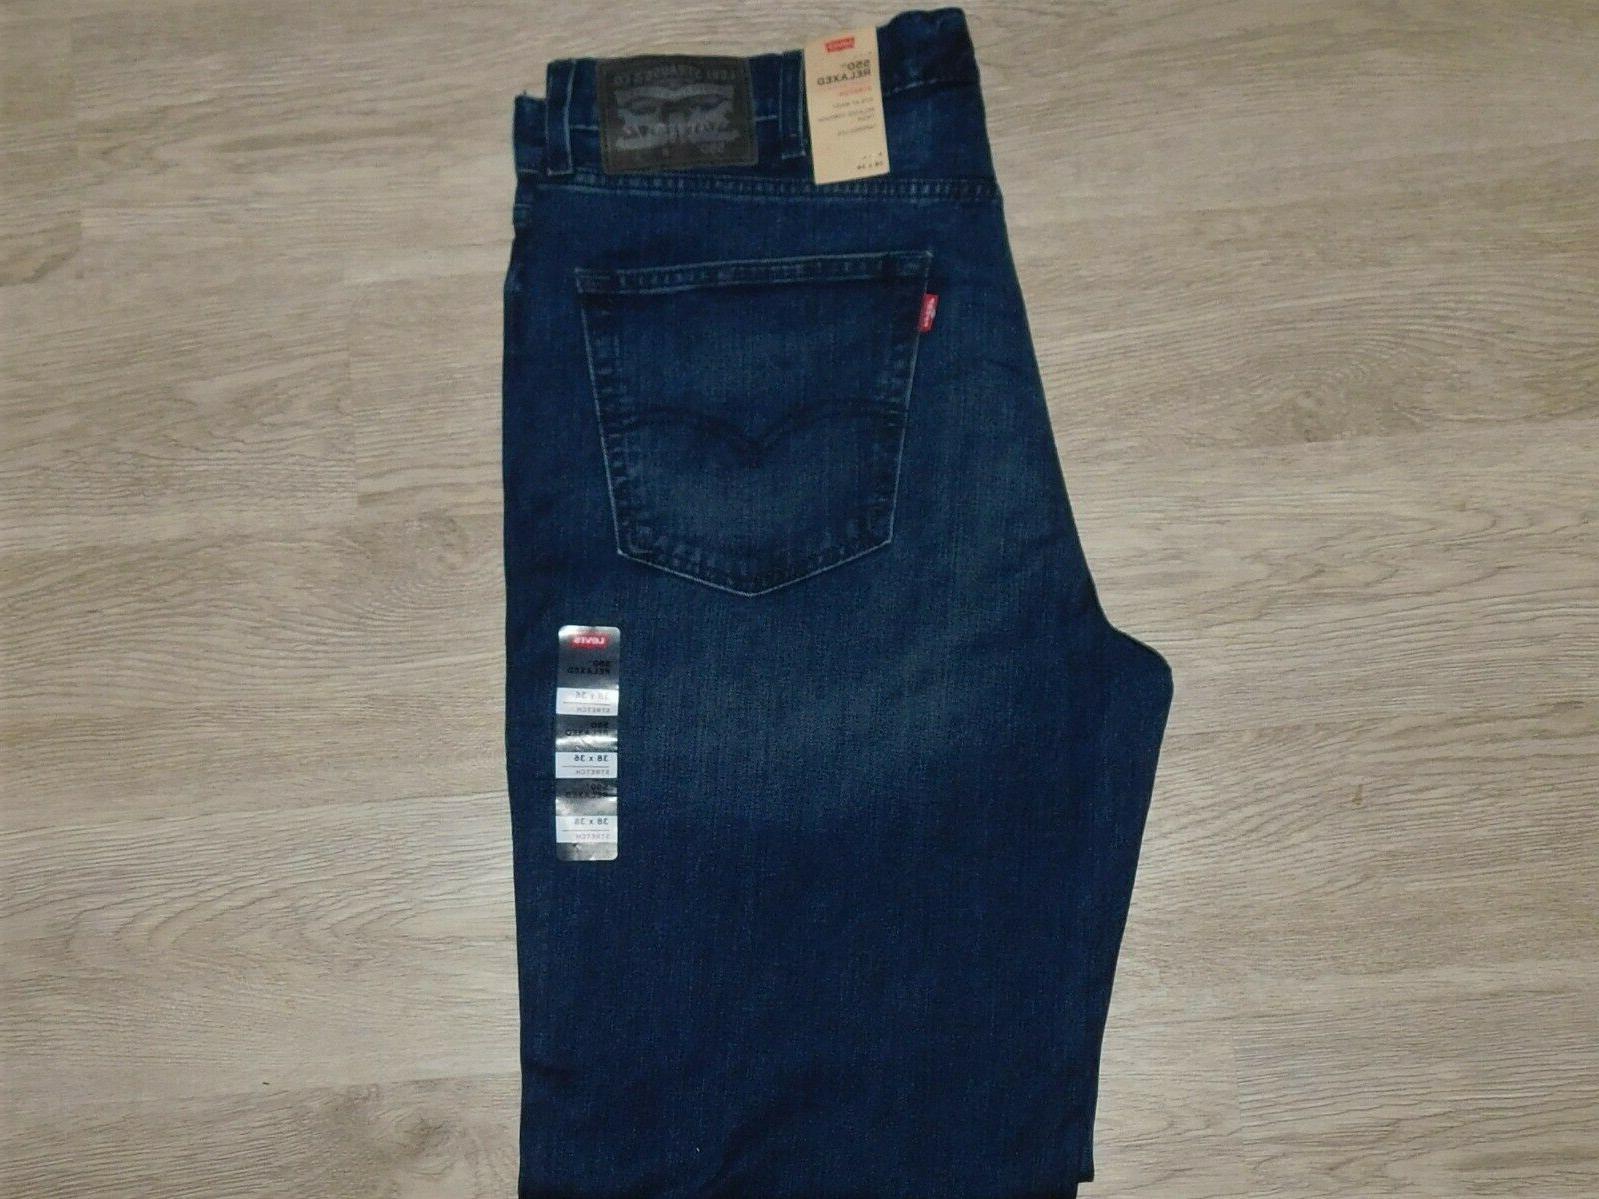 LEVIS Jeans Comfort & Dk Twist Choose Size